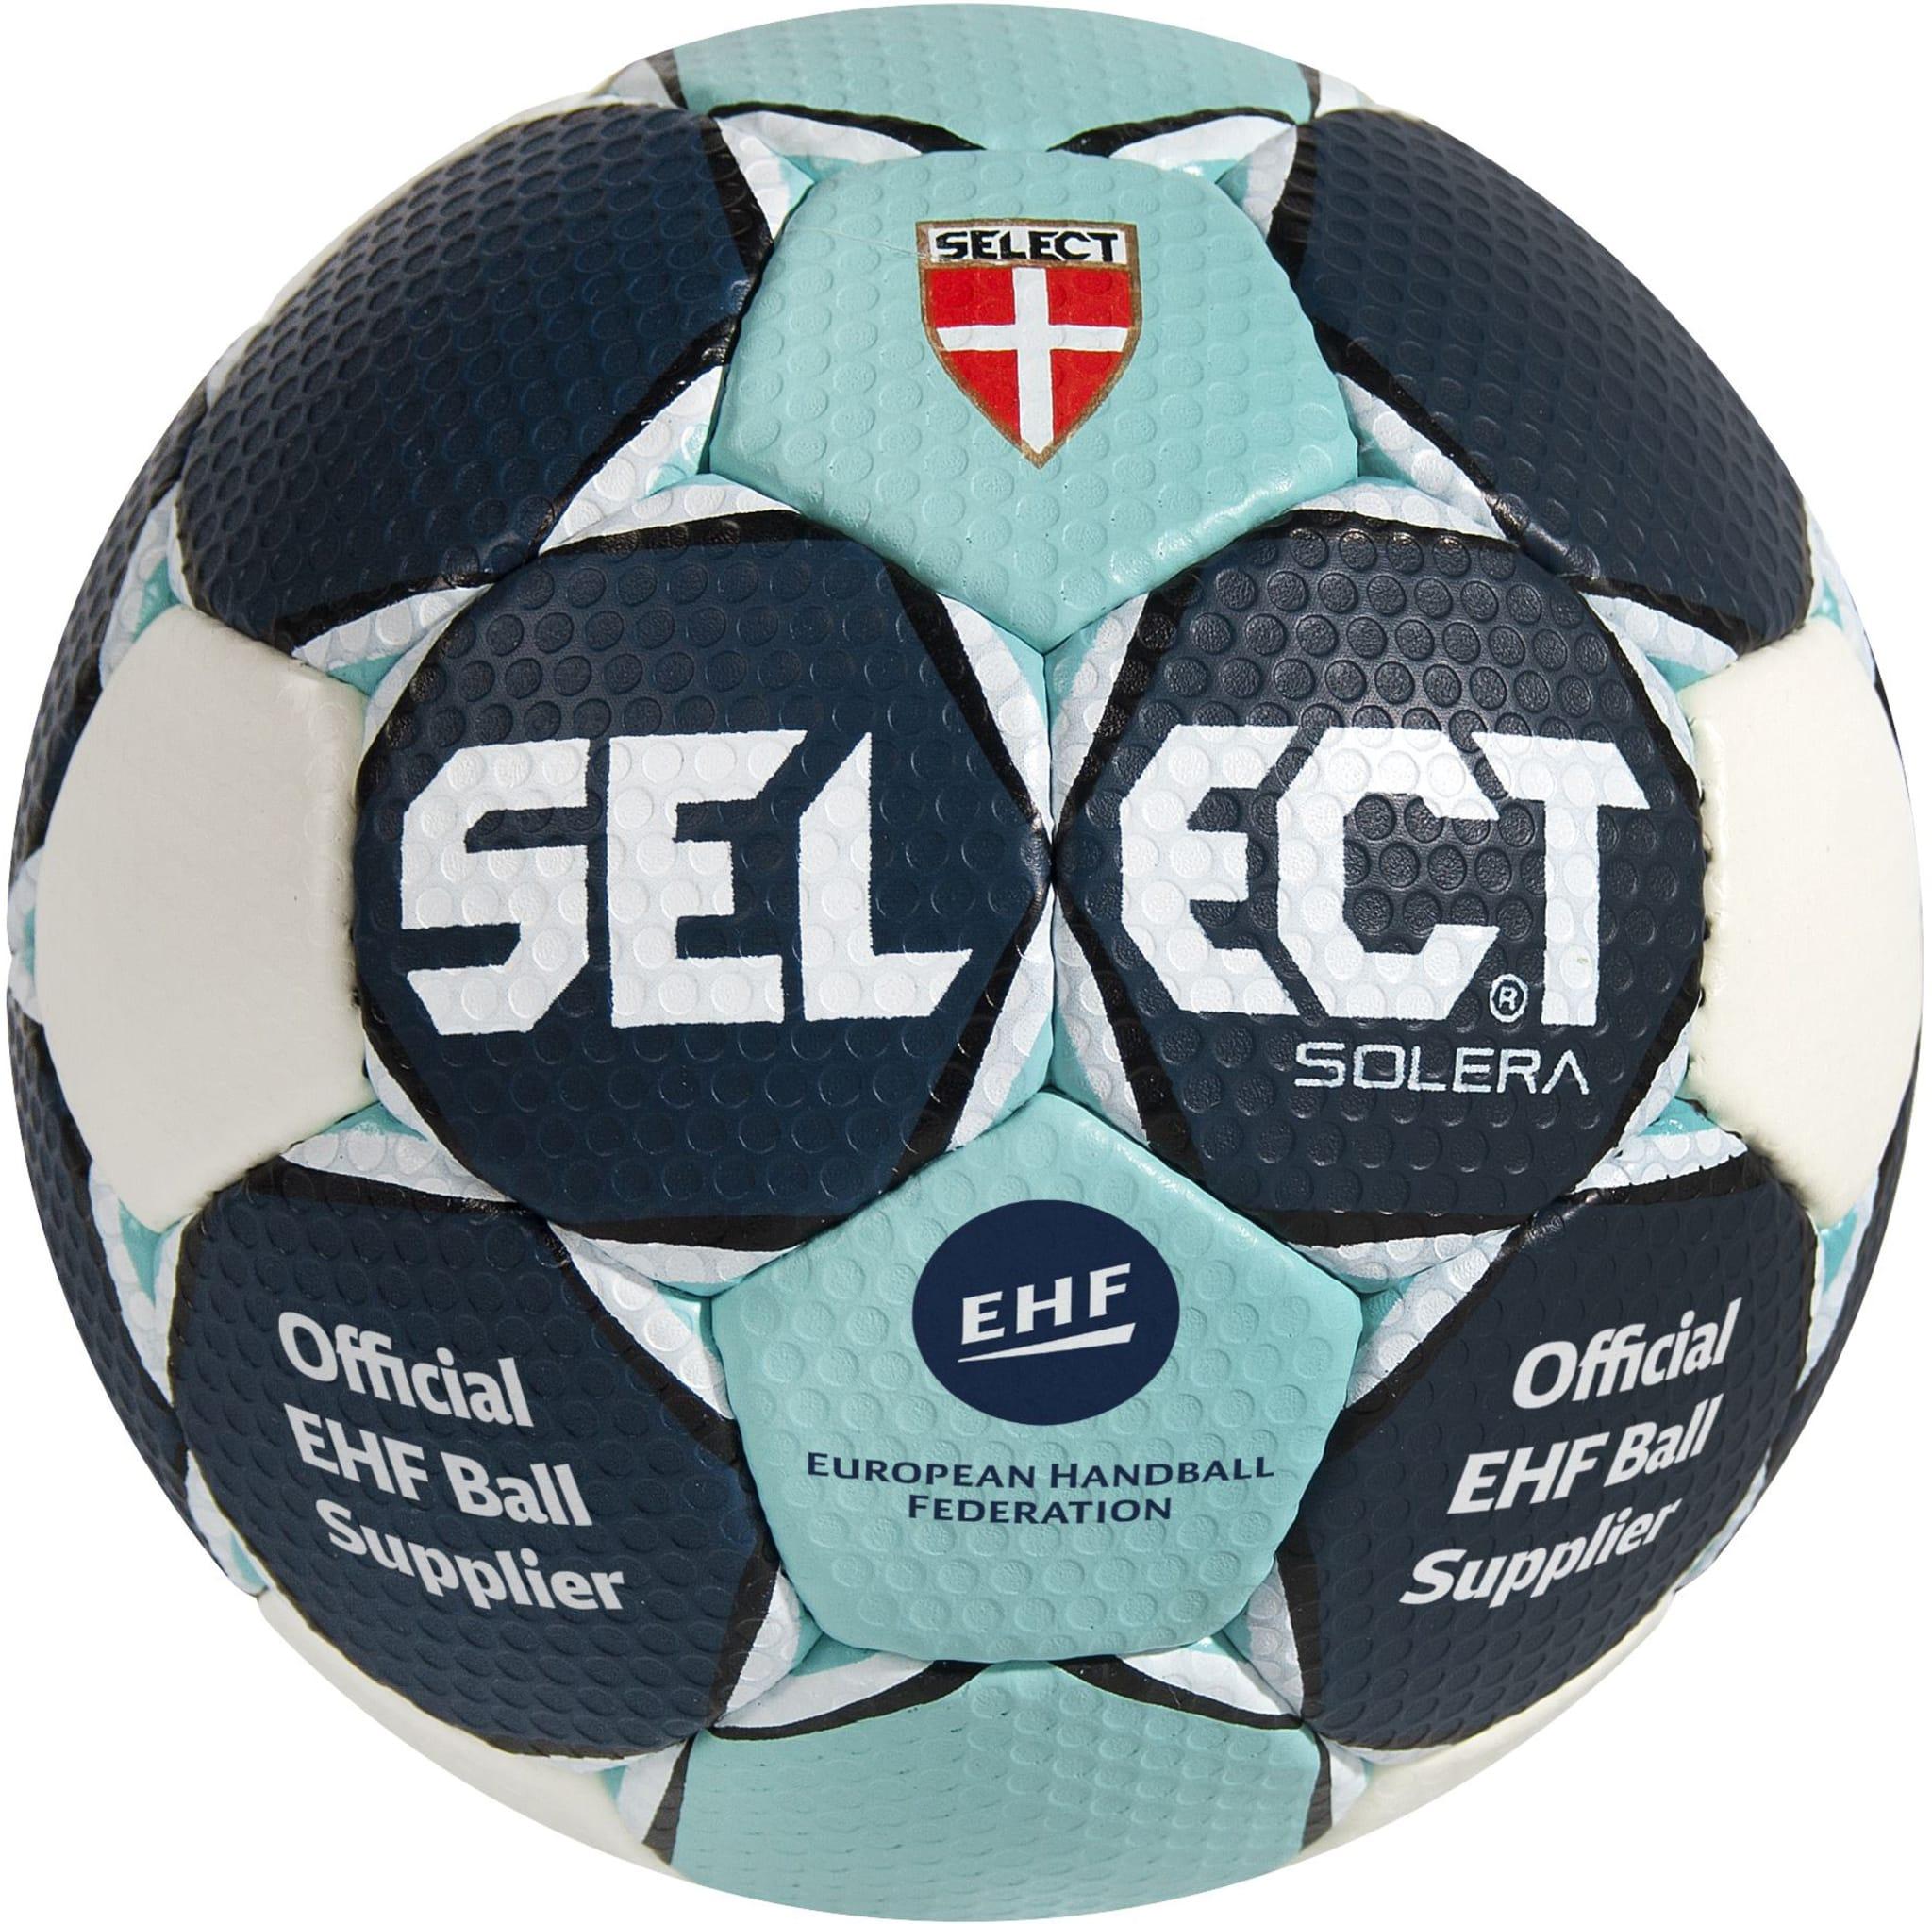 Populær treningsball laget av mykt og slitesterkt syntetisk lær